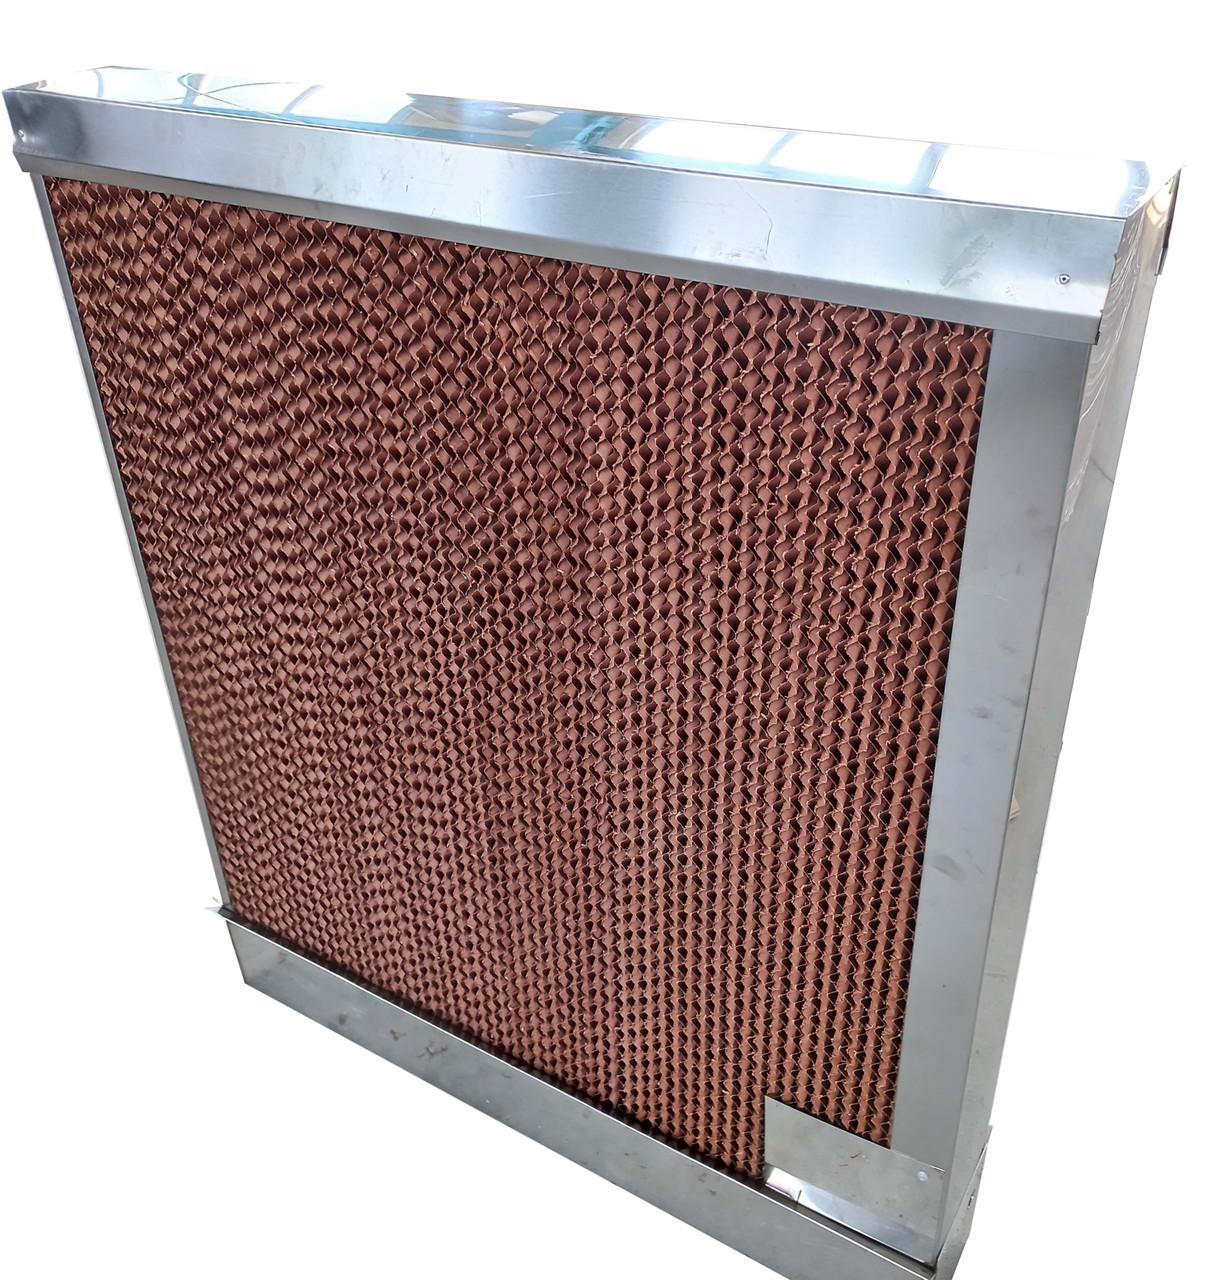 Панель охлаждения(испарительный водяной охладитель) для крольчатника, птичника, теплиц 63х15х95 см.